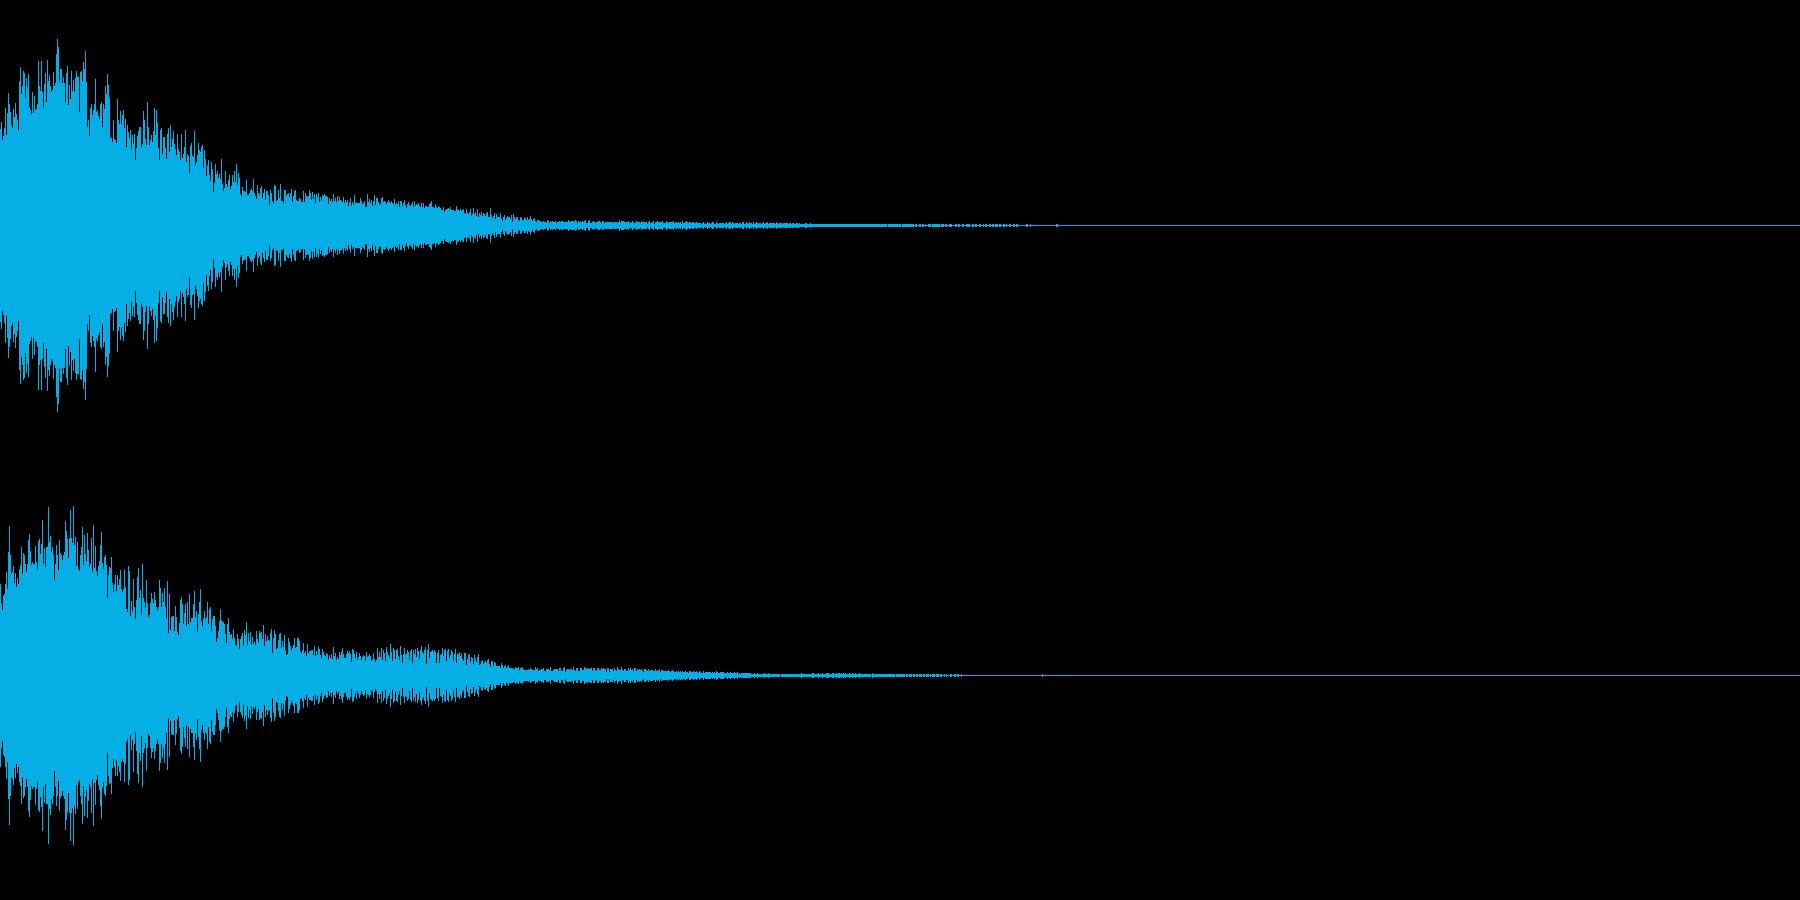 システム起動音_その6の再生済みの波形